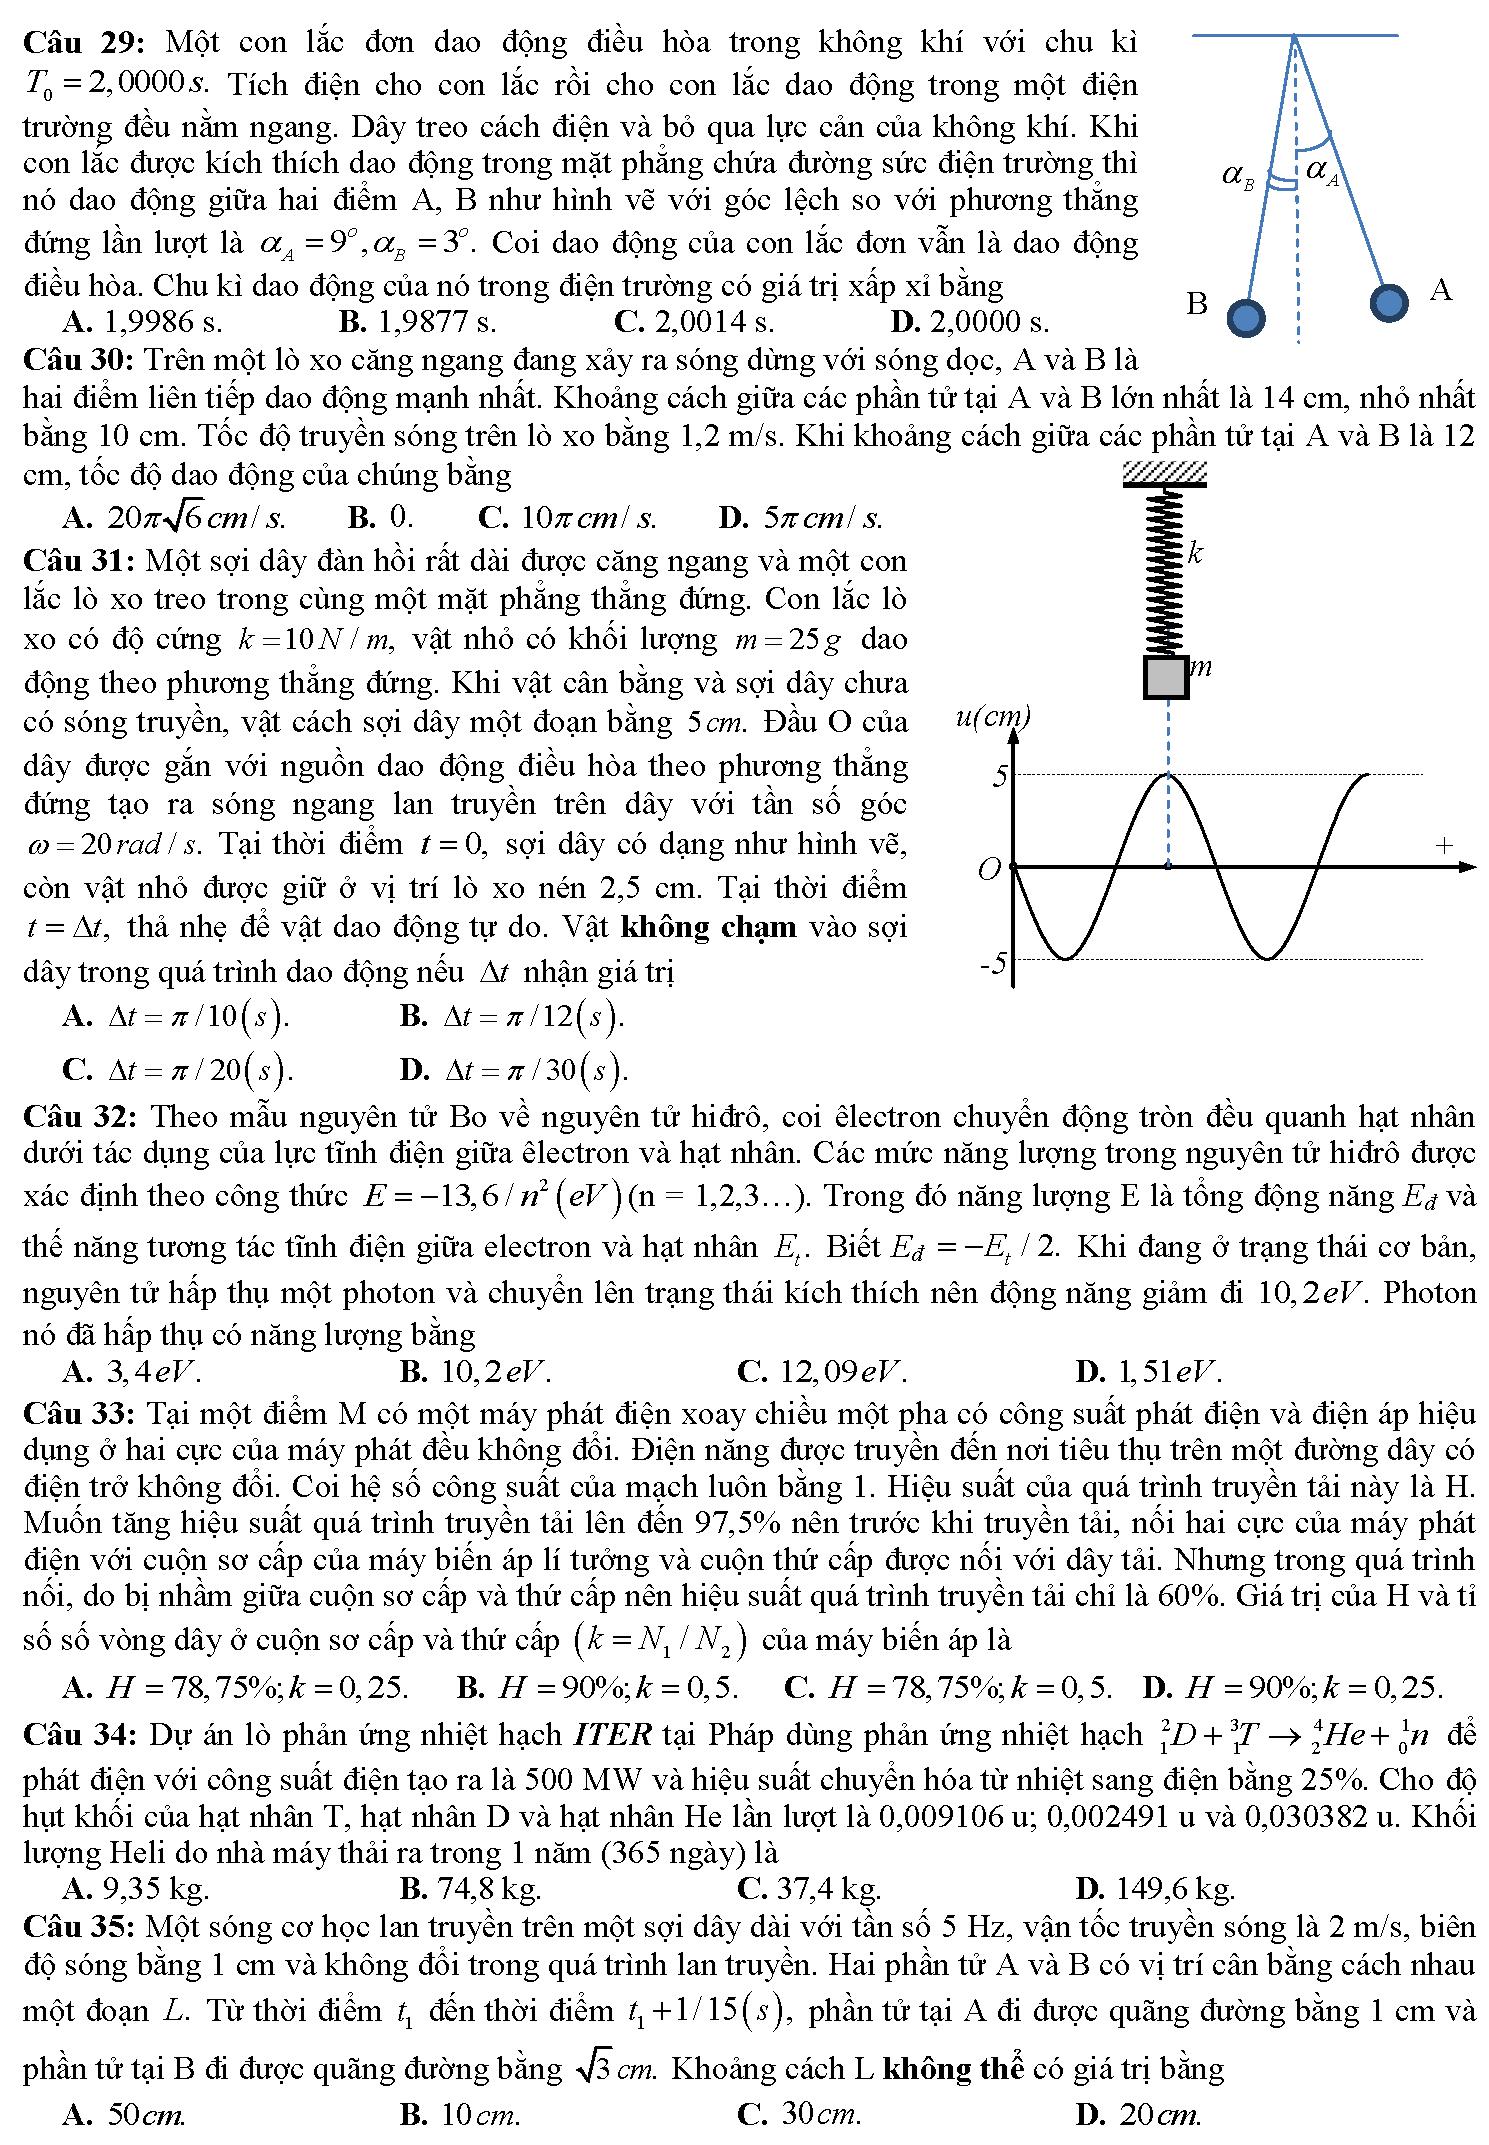 Đề thi thử vật lý 2018 trường THPT chuyên vinh lần 3_Page_3.png